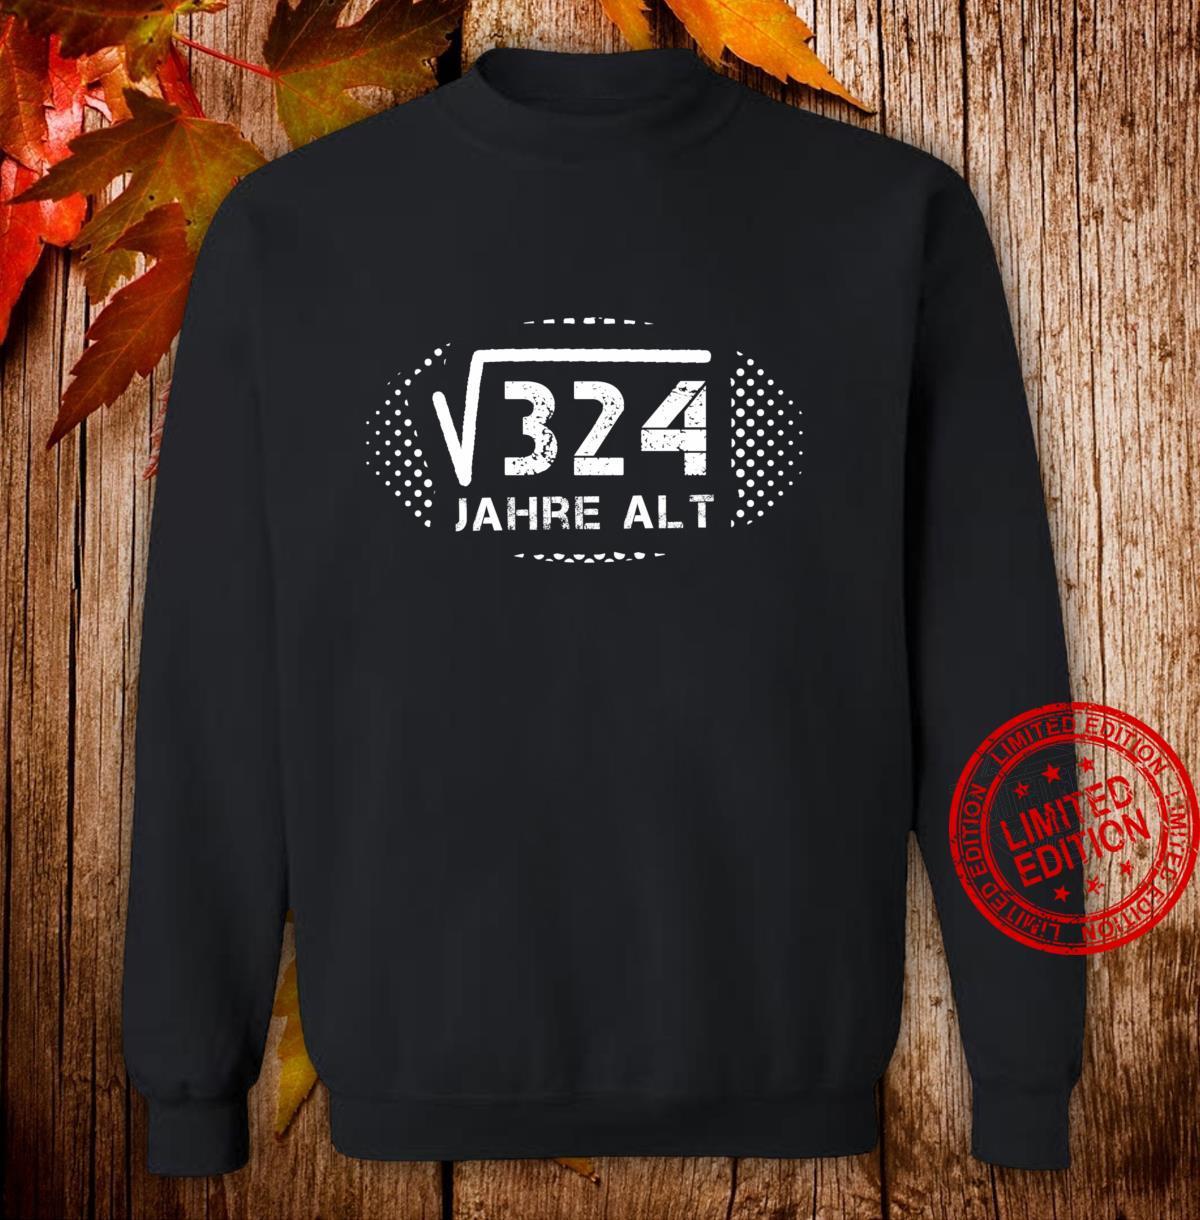 18 Geburtstag Party Geschenk Wurzel aus 324 = 18 Jahre alt Sweatshirt